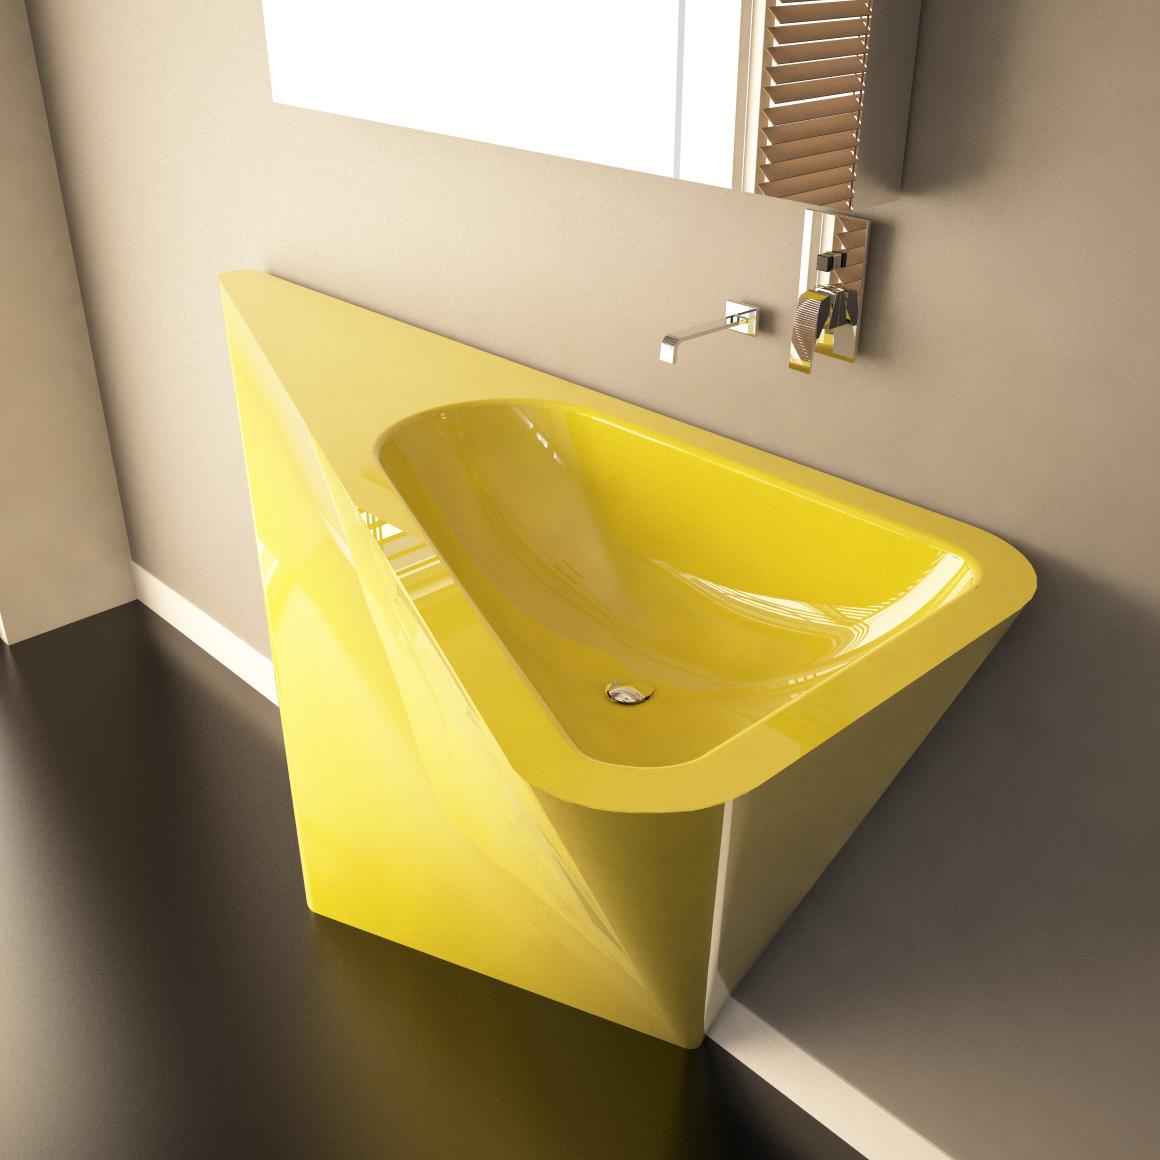 Mullet lavandini e vasche zad zone of absolute design - Lavandini bagno design ...